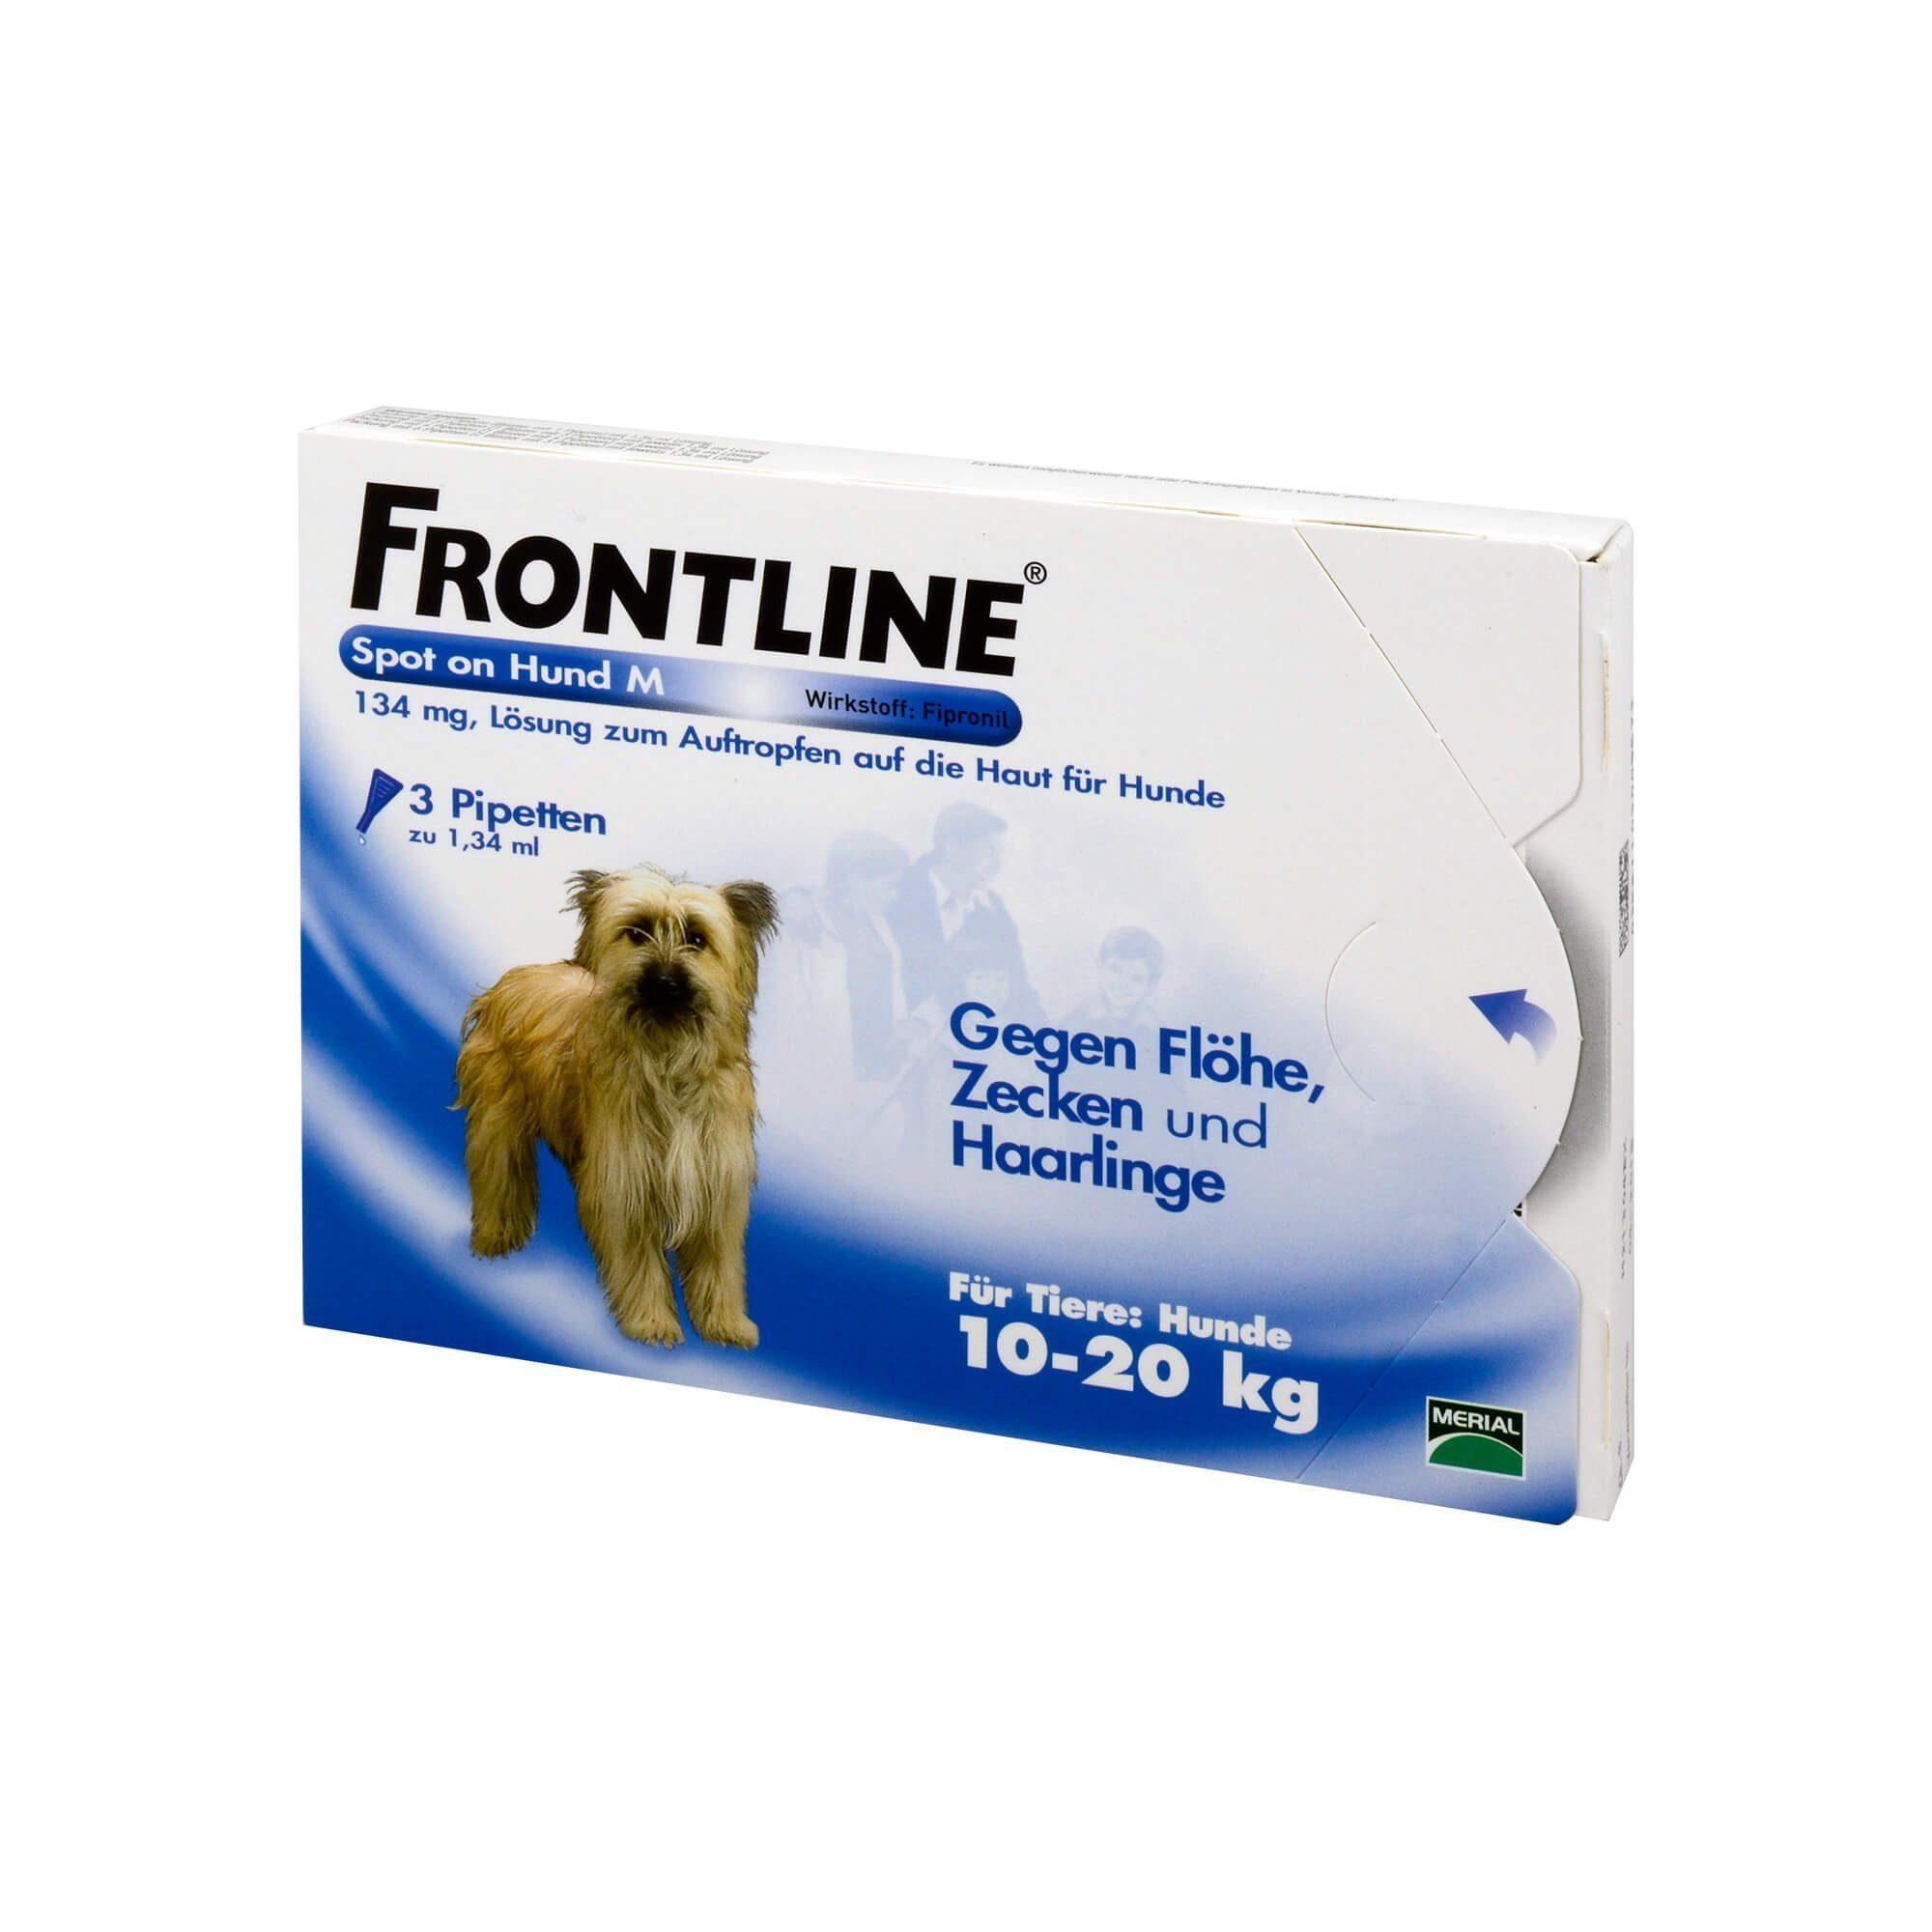 Frontline Frontline Spot on Hund M 134 mg , 3 St